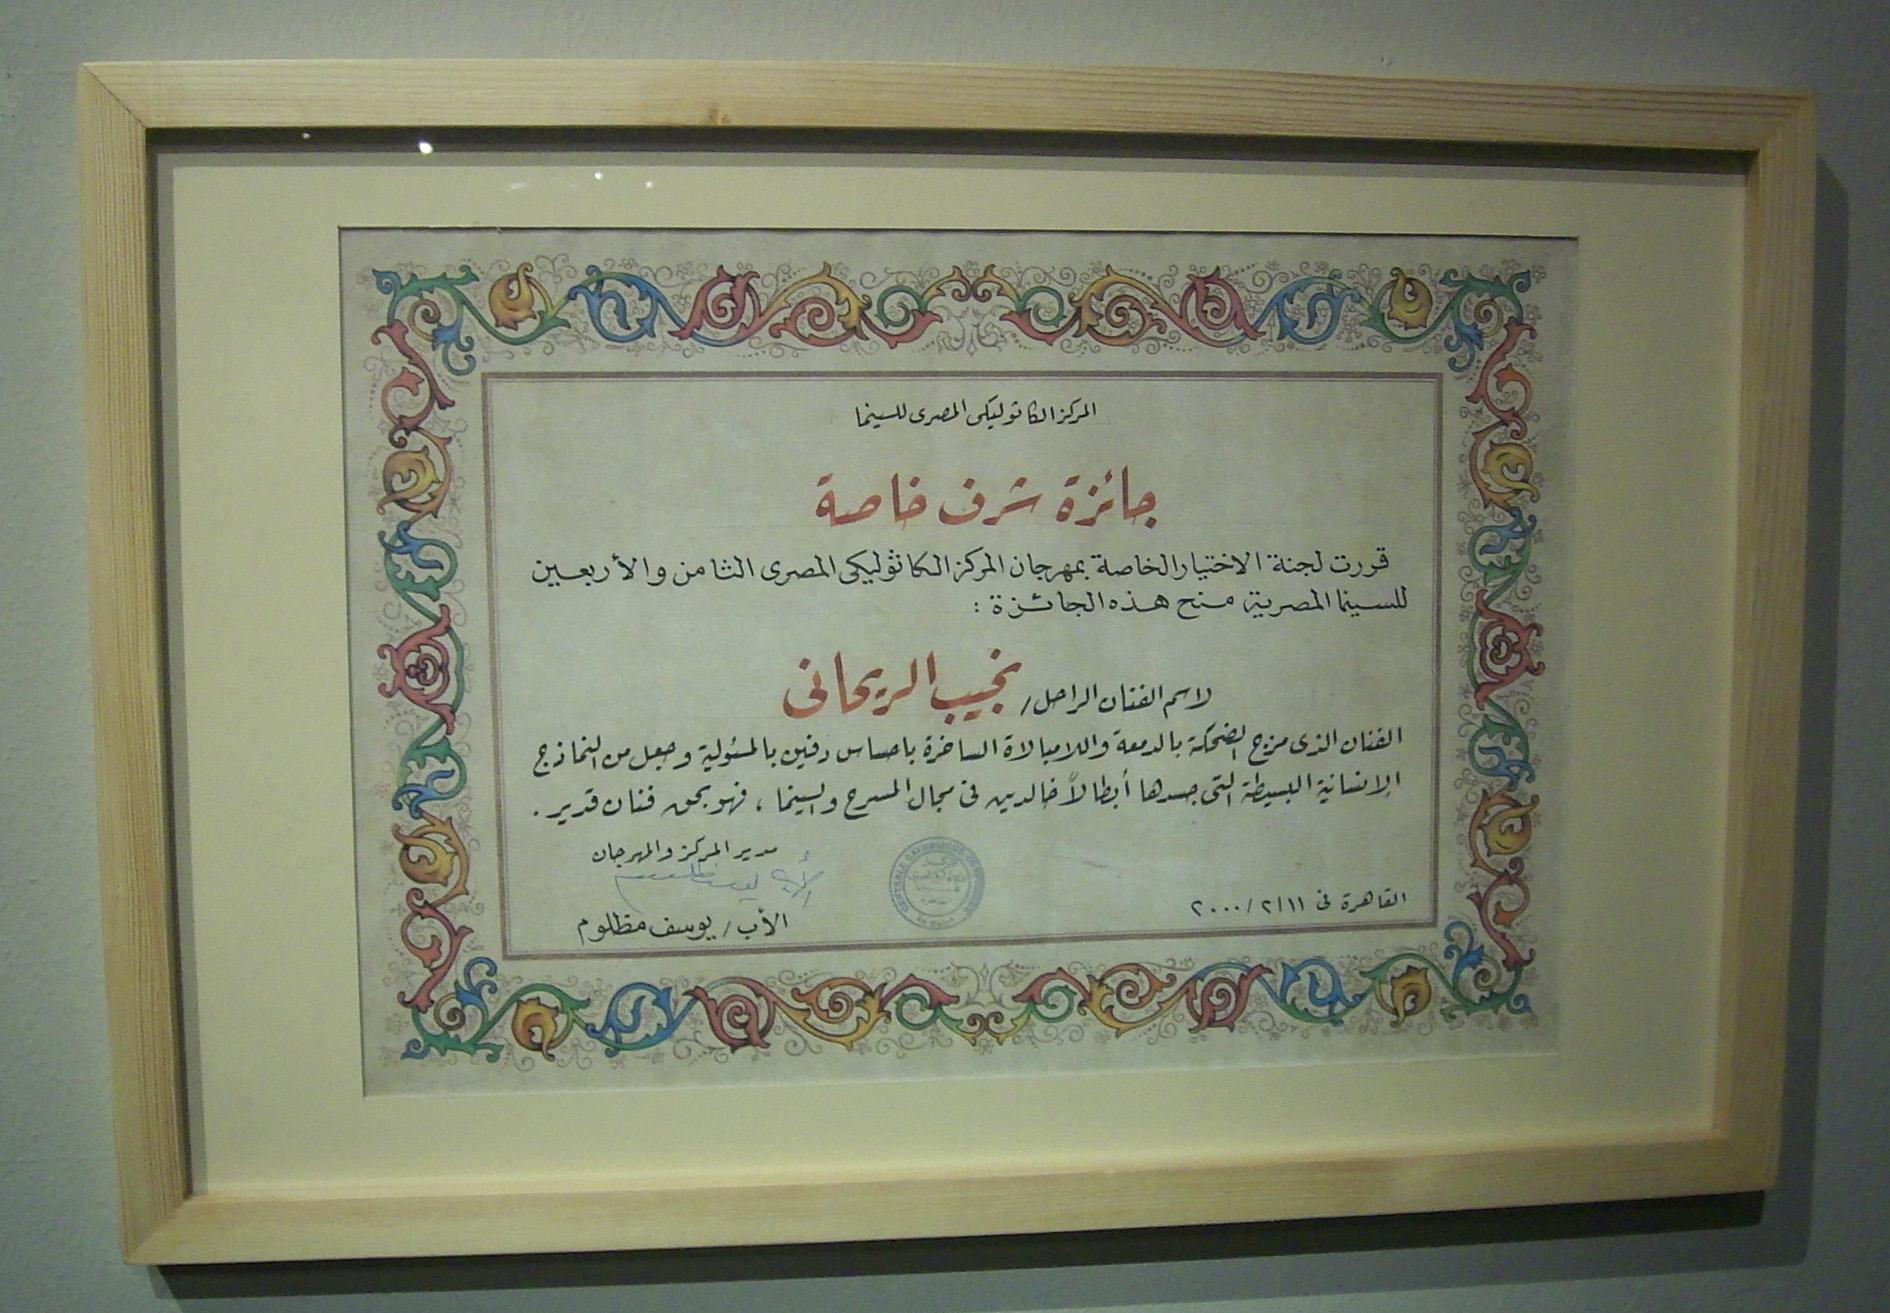 جائزة شرف خاصة بنجيب الريحاني